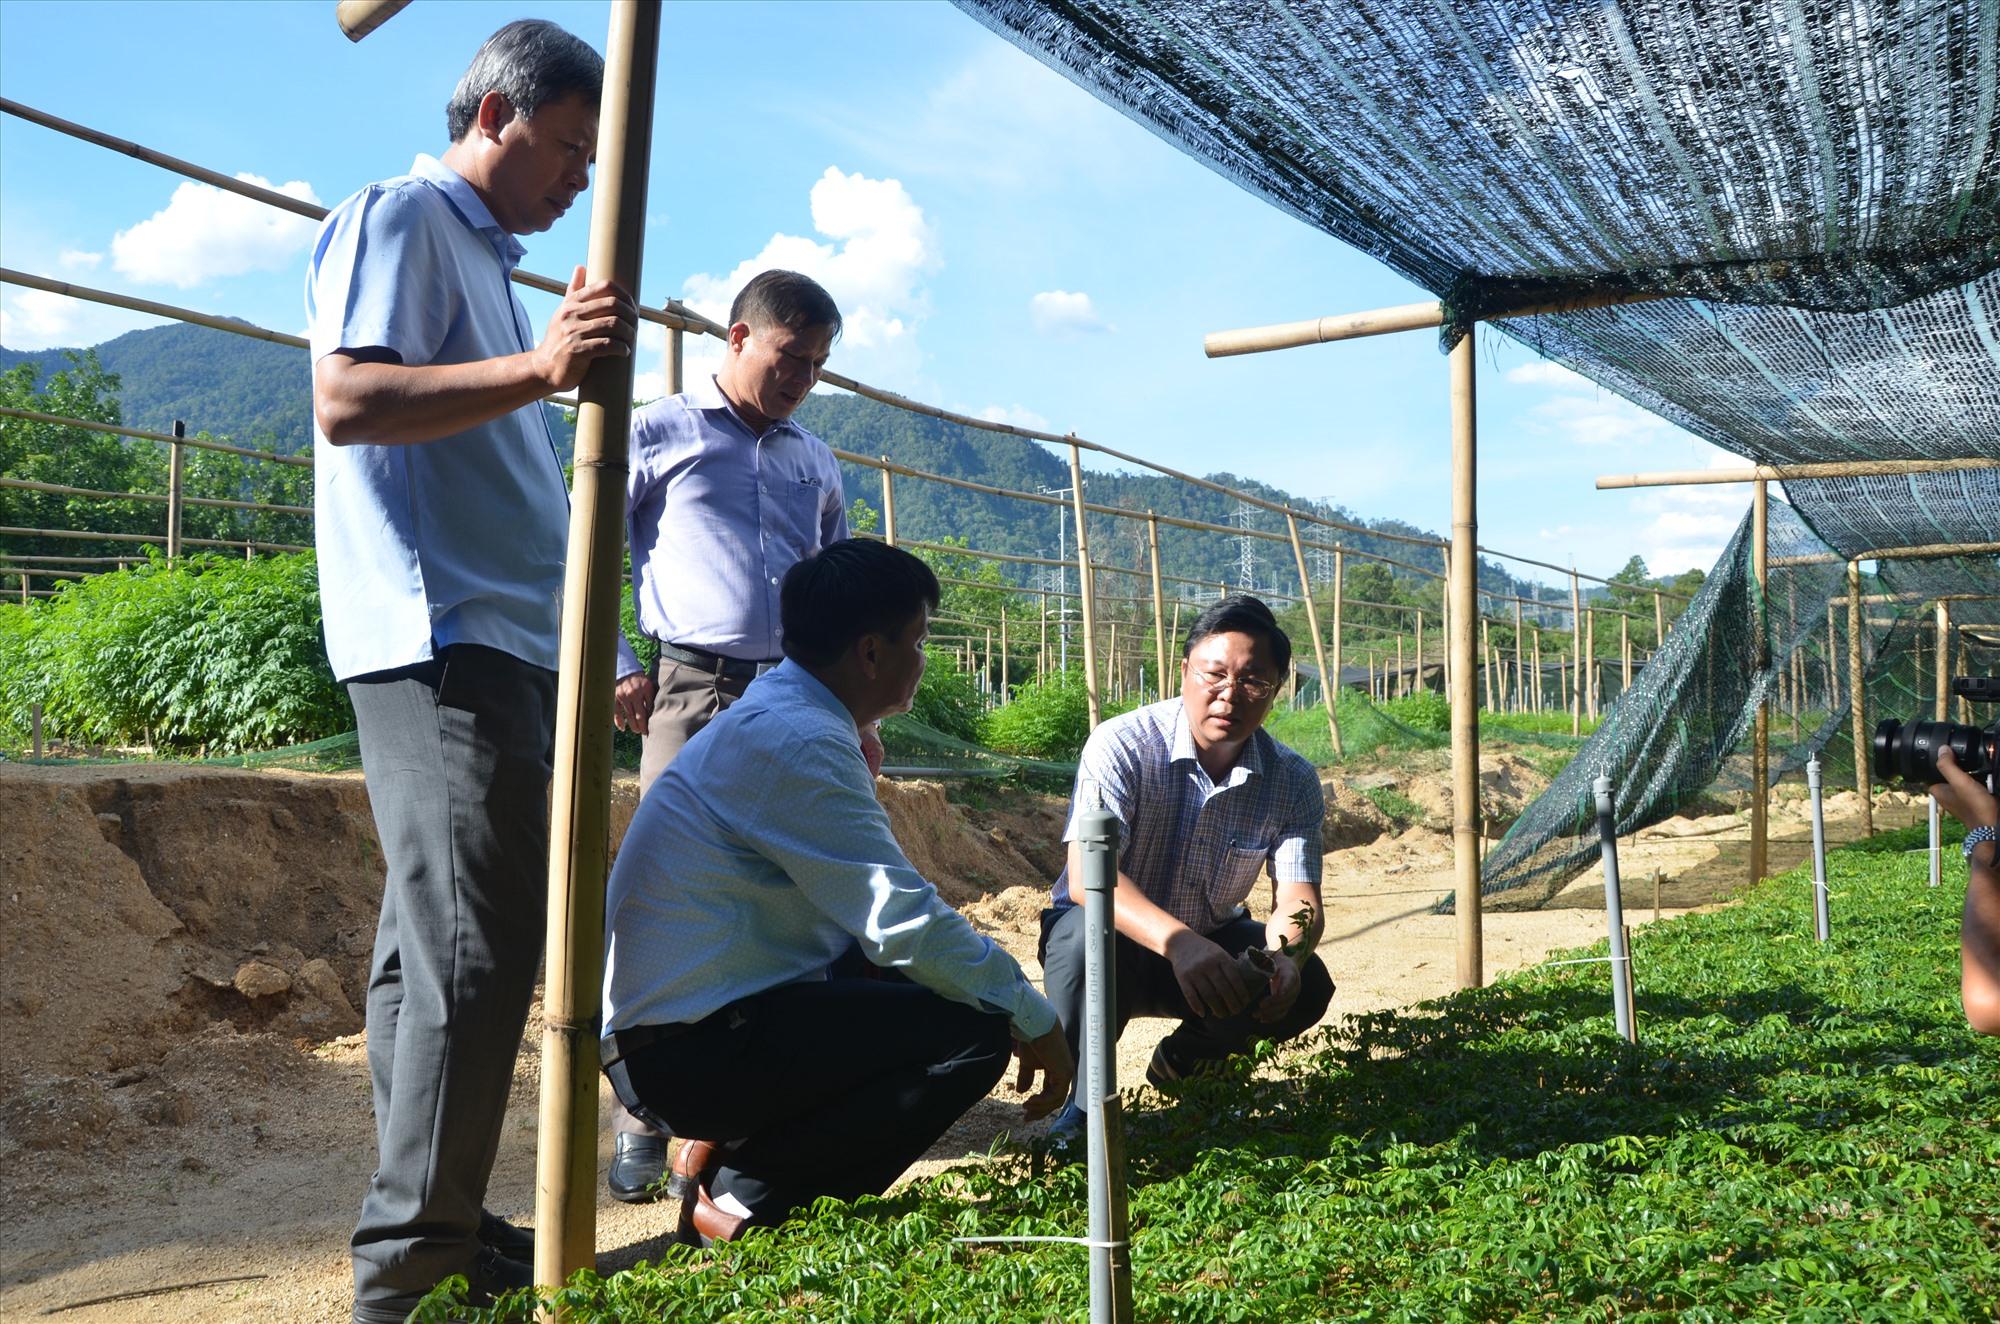 Mô hình sản xuất cây giống lâm nghiệp ở Ban Quản lý khu bảo tồn thiên nhiên sông Thanh. Ảnh: N.T